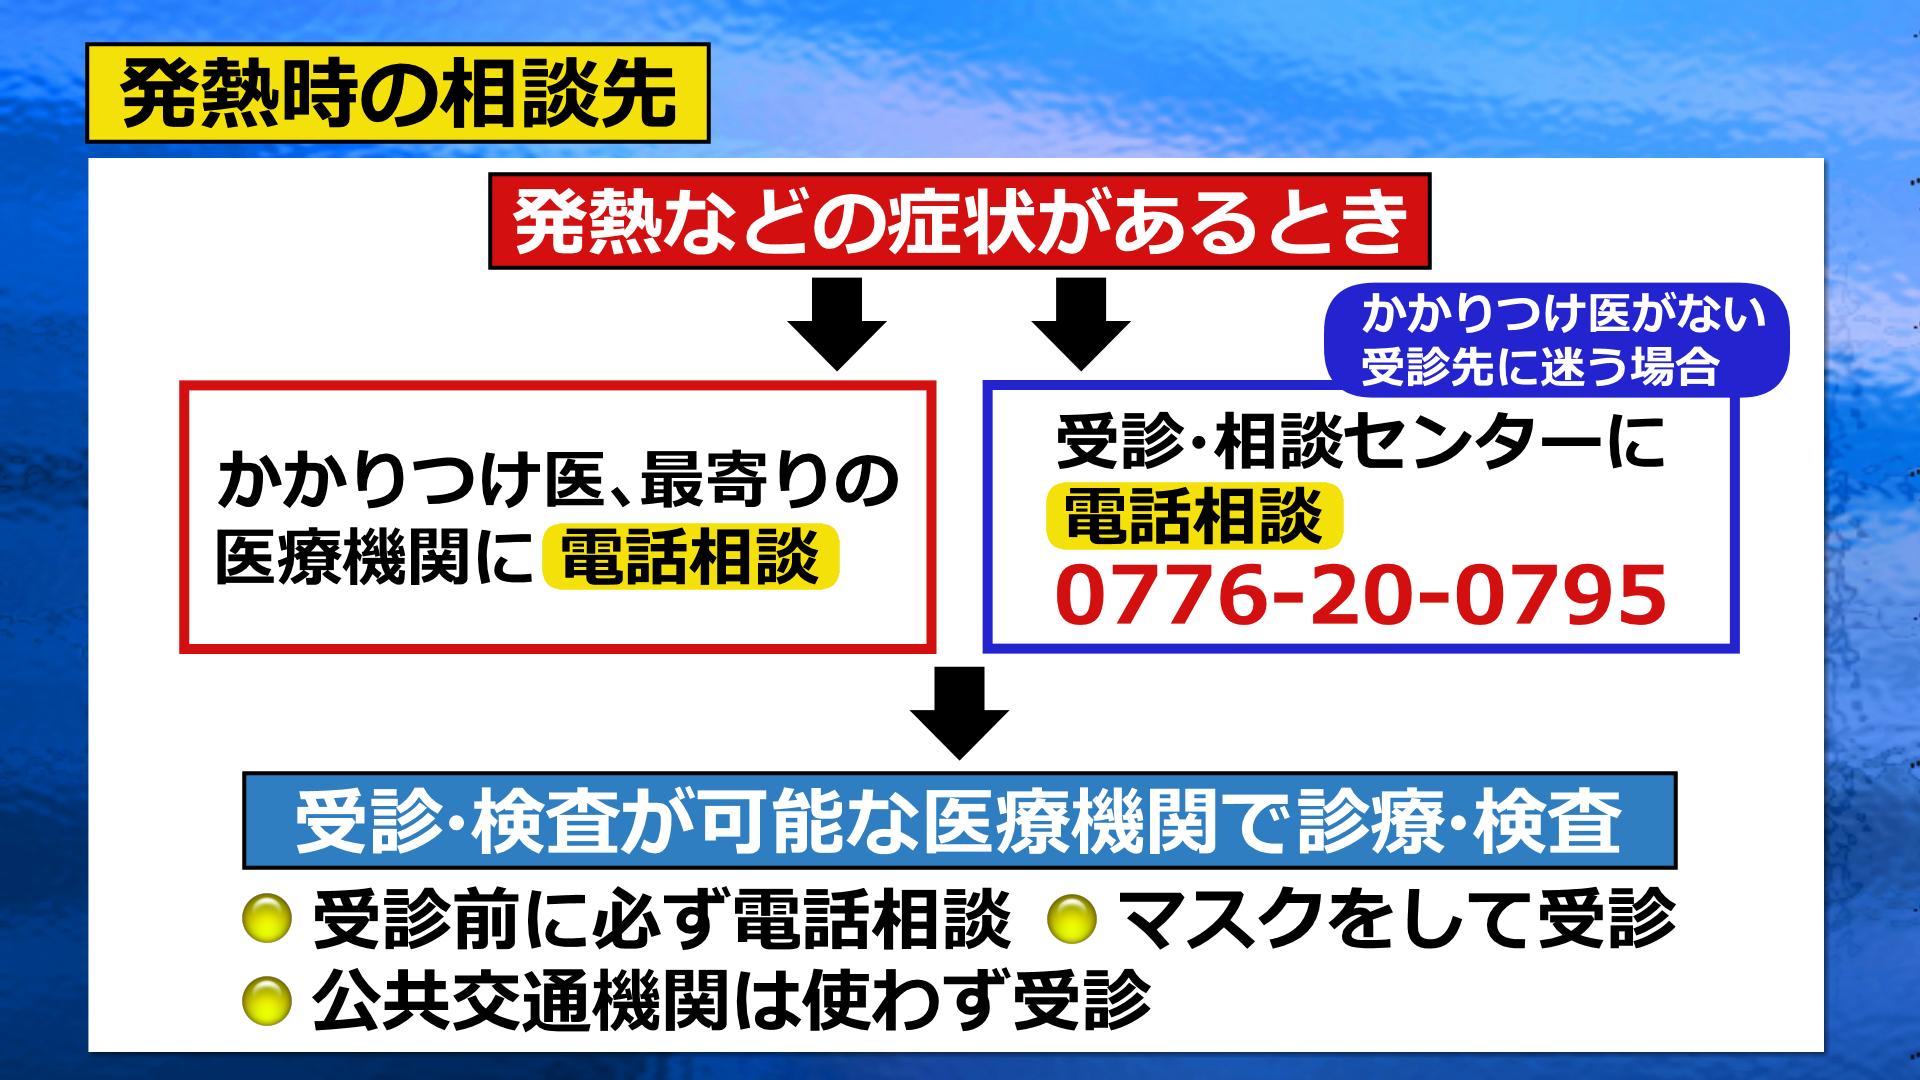 コロナ 速報 県 福井 【 福井県